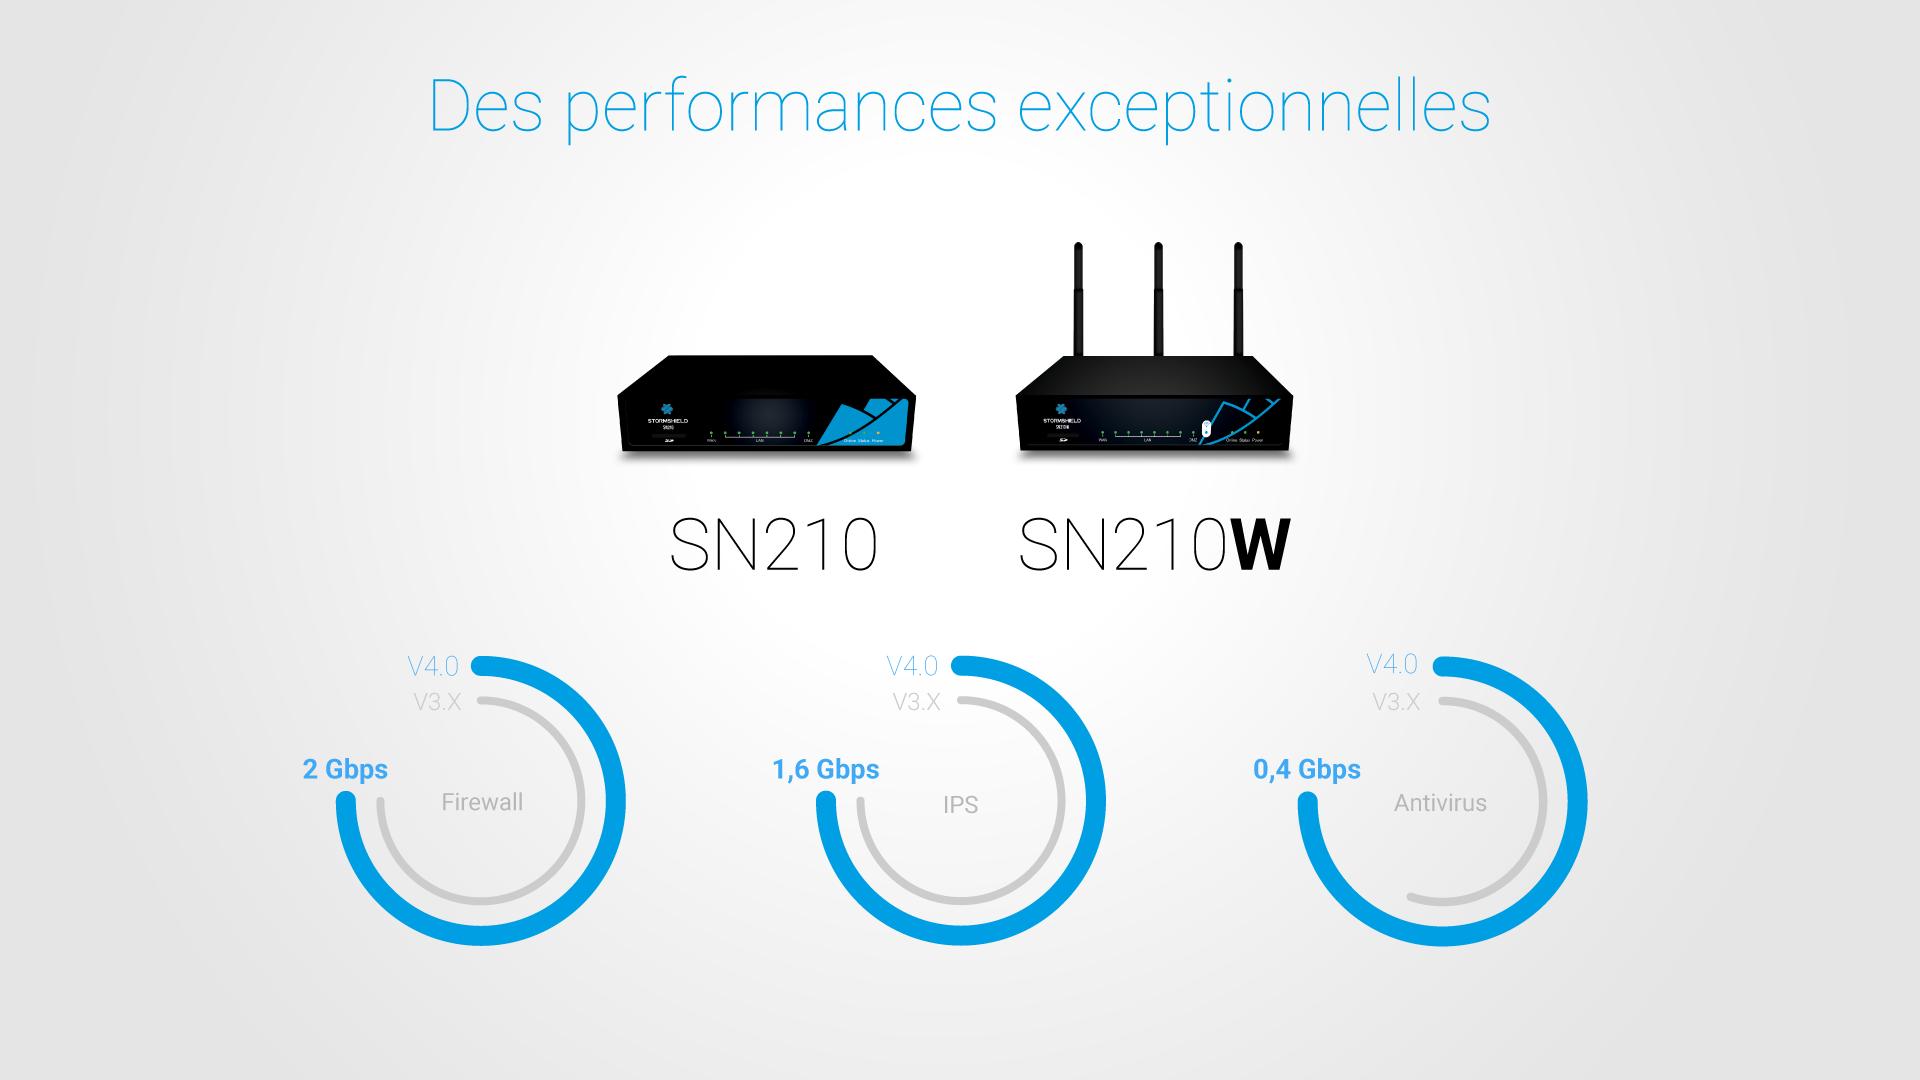 SNS V4.0 : des performances exceptionnelles Firewall, IPS et Antivirus pour le SN210 et SN210w